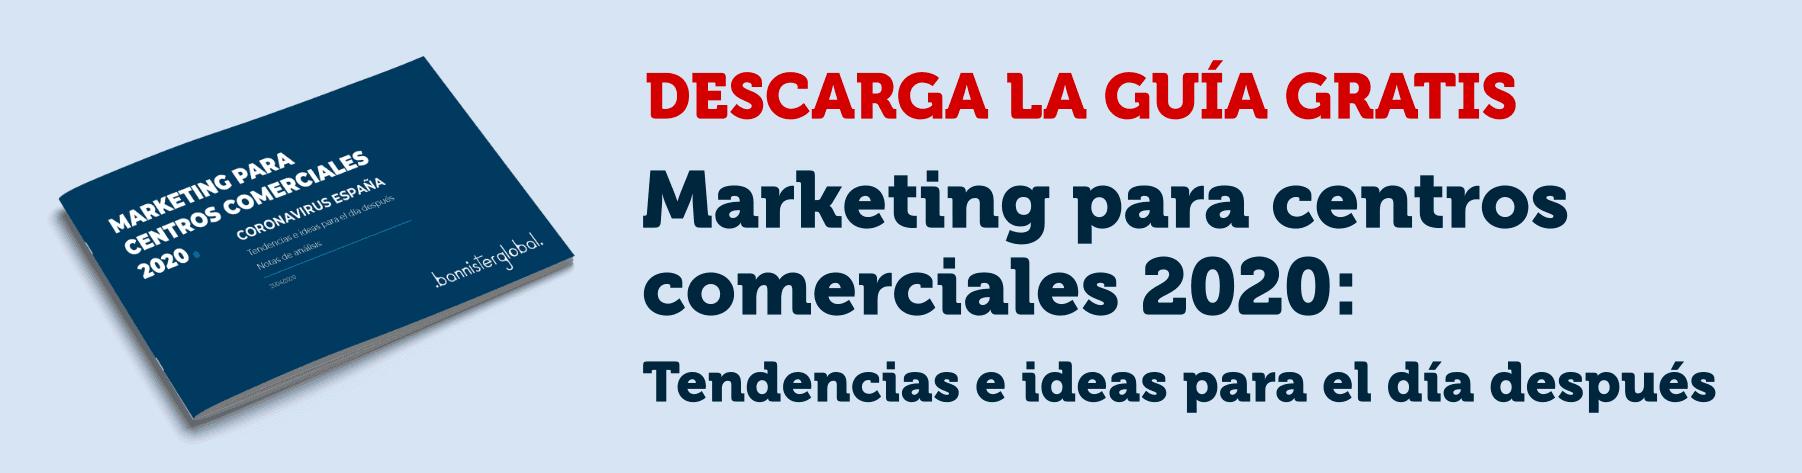 Marketing para centros comerciales 2020: tendencias e ideas para el día después